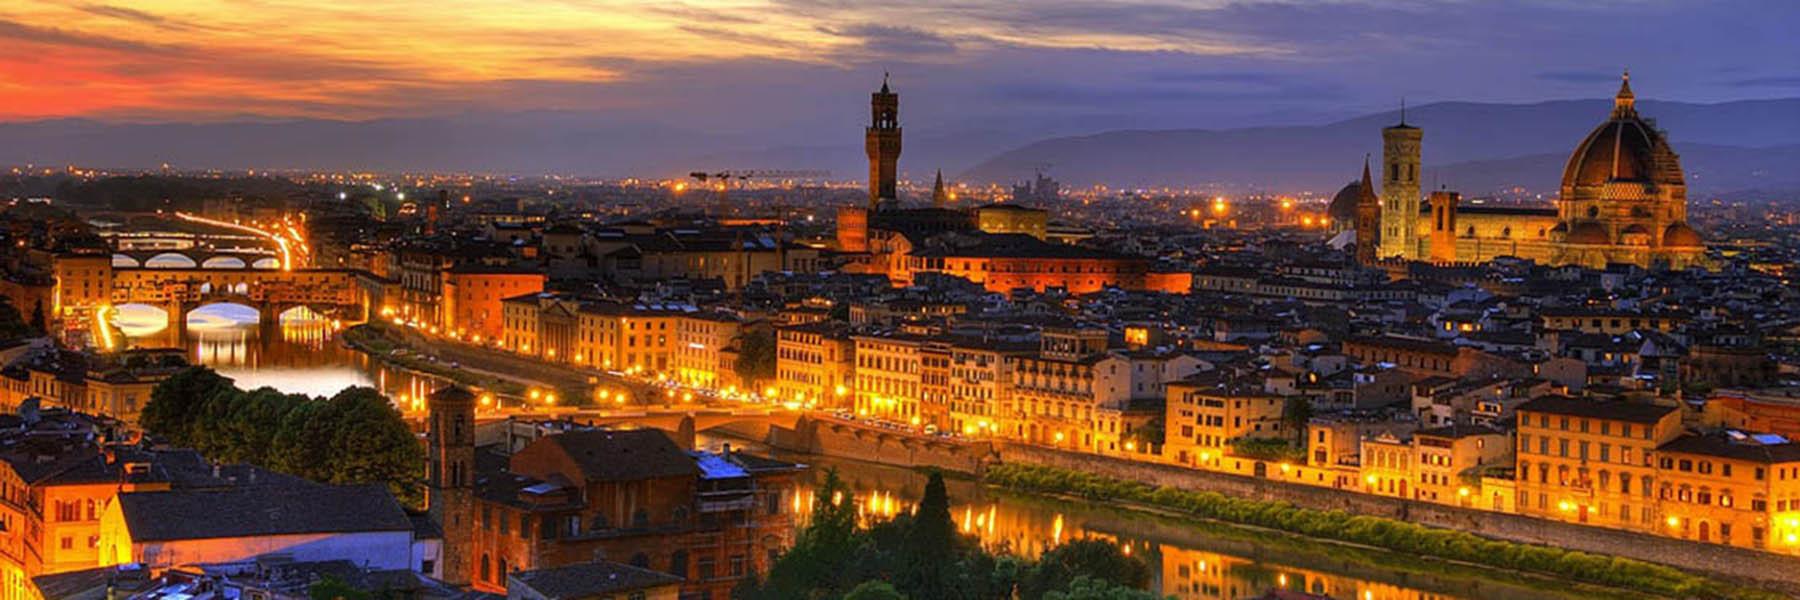 Florenz fasziniert immer wieder - Golf & Firenze Reisepakete